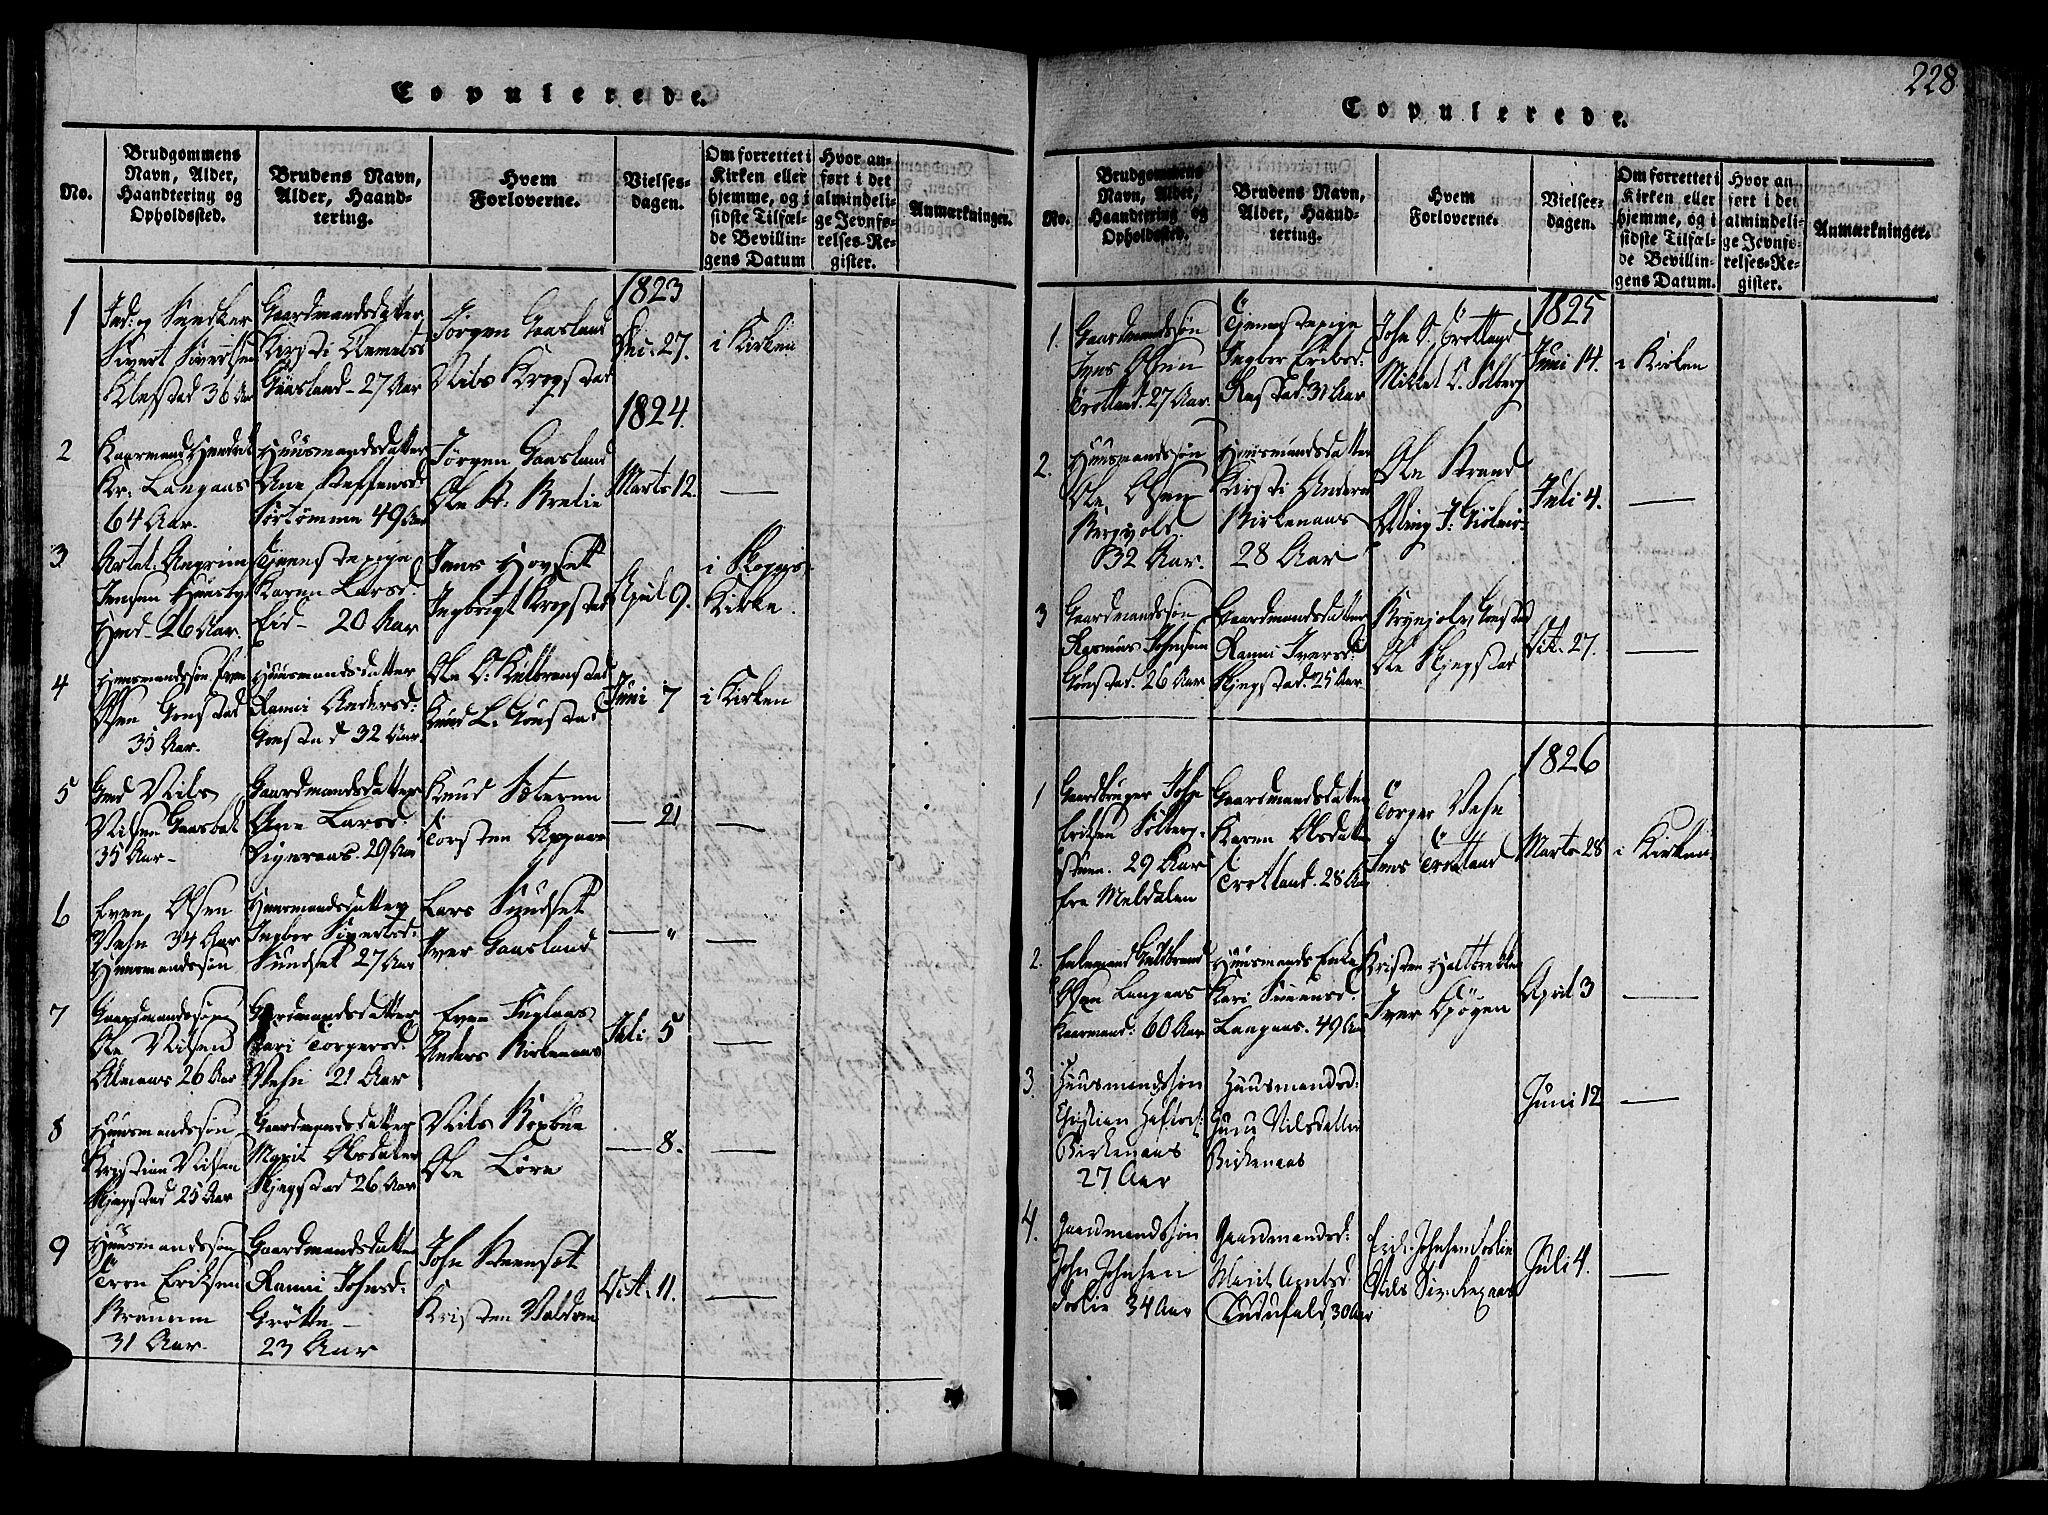 SAT, Ministerialprotokoller, klokkerbøker og fødselsregistre - Sør-Trøndelag, 691/L1068: Ministerialbok nr. 691A03 /4, 1816-1826, s. 228